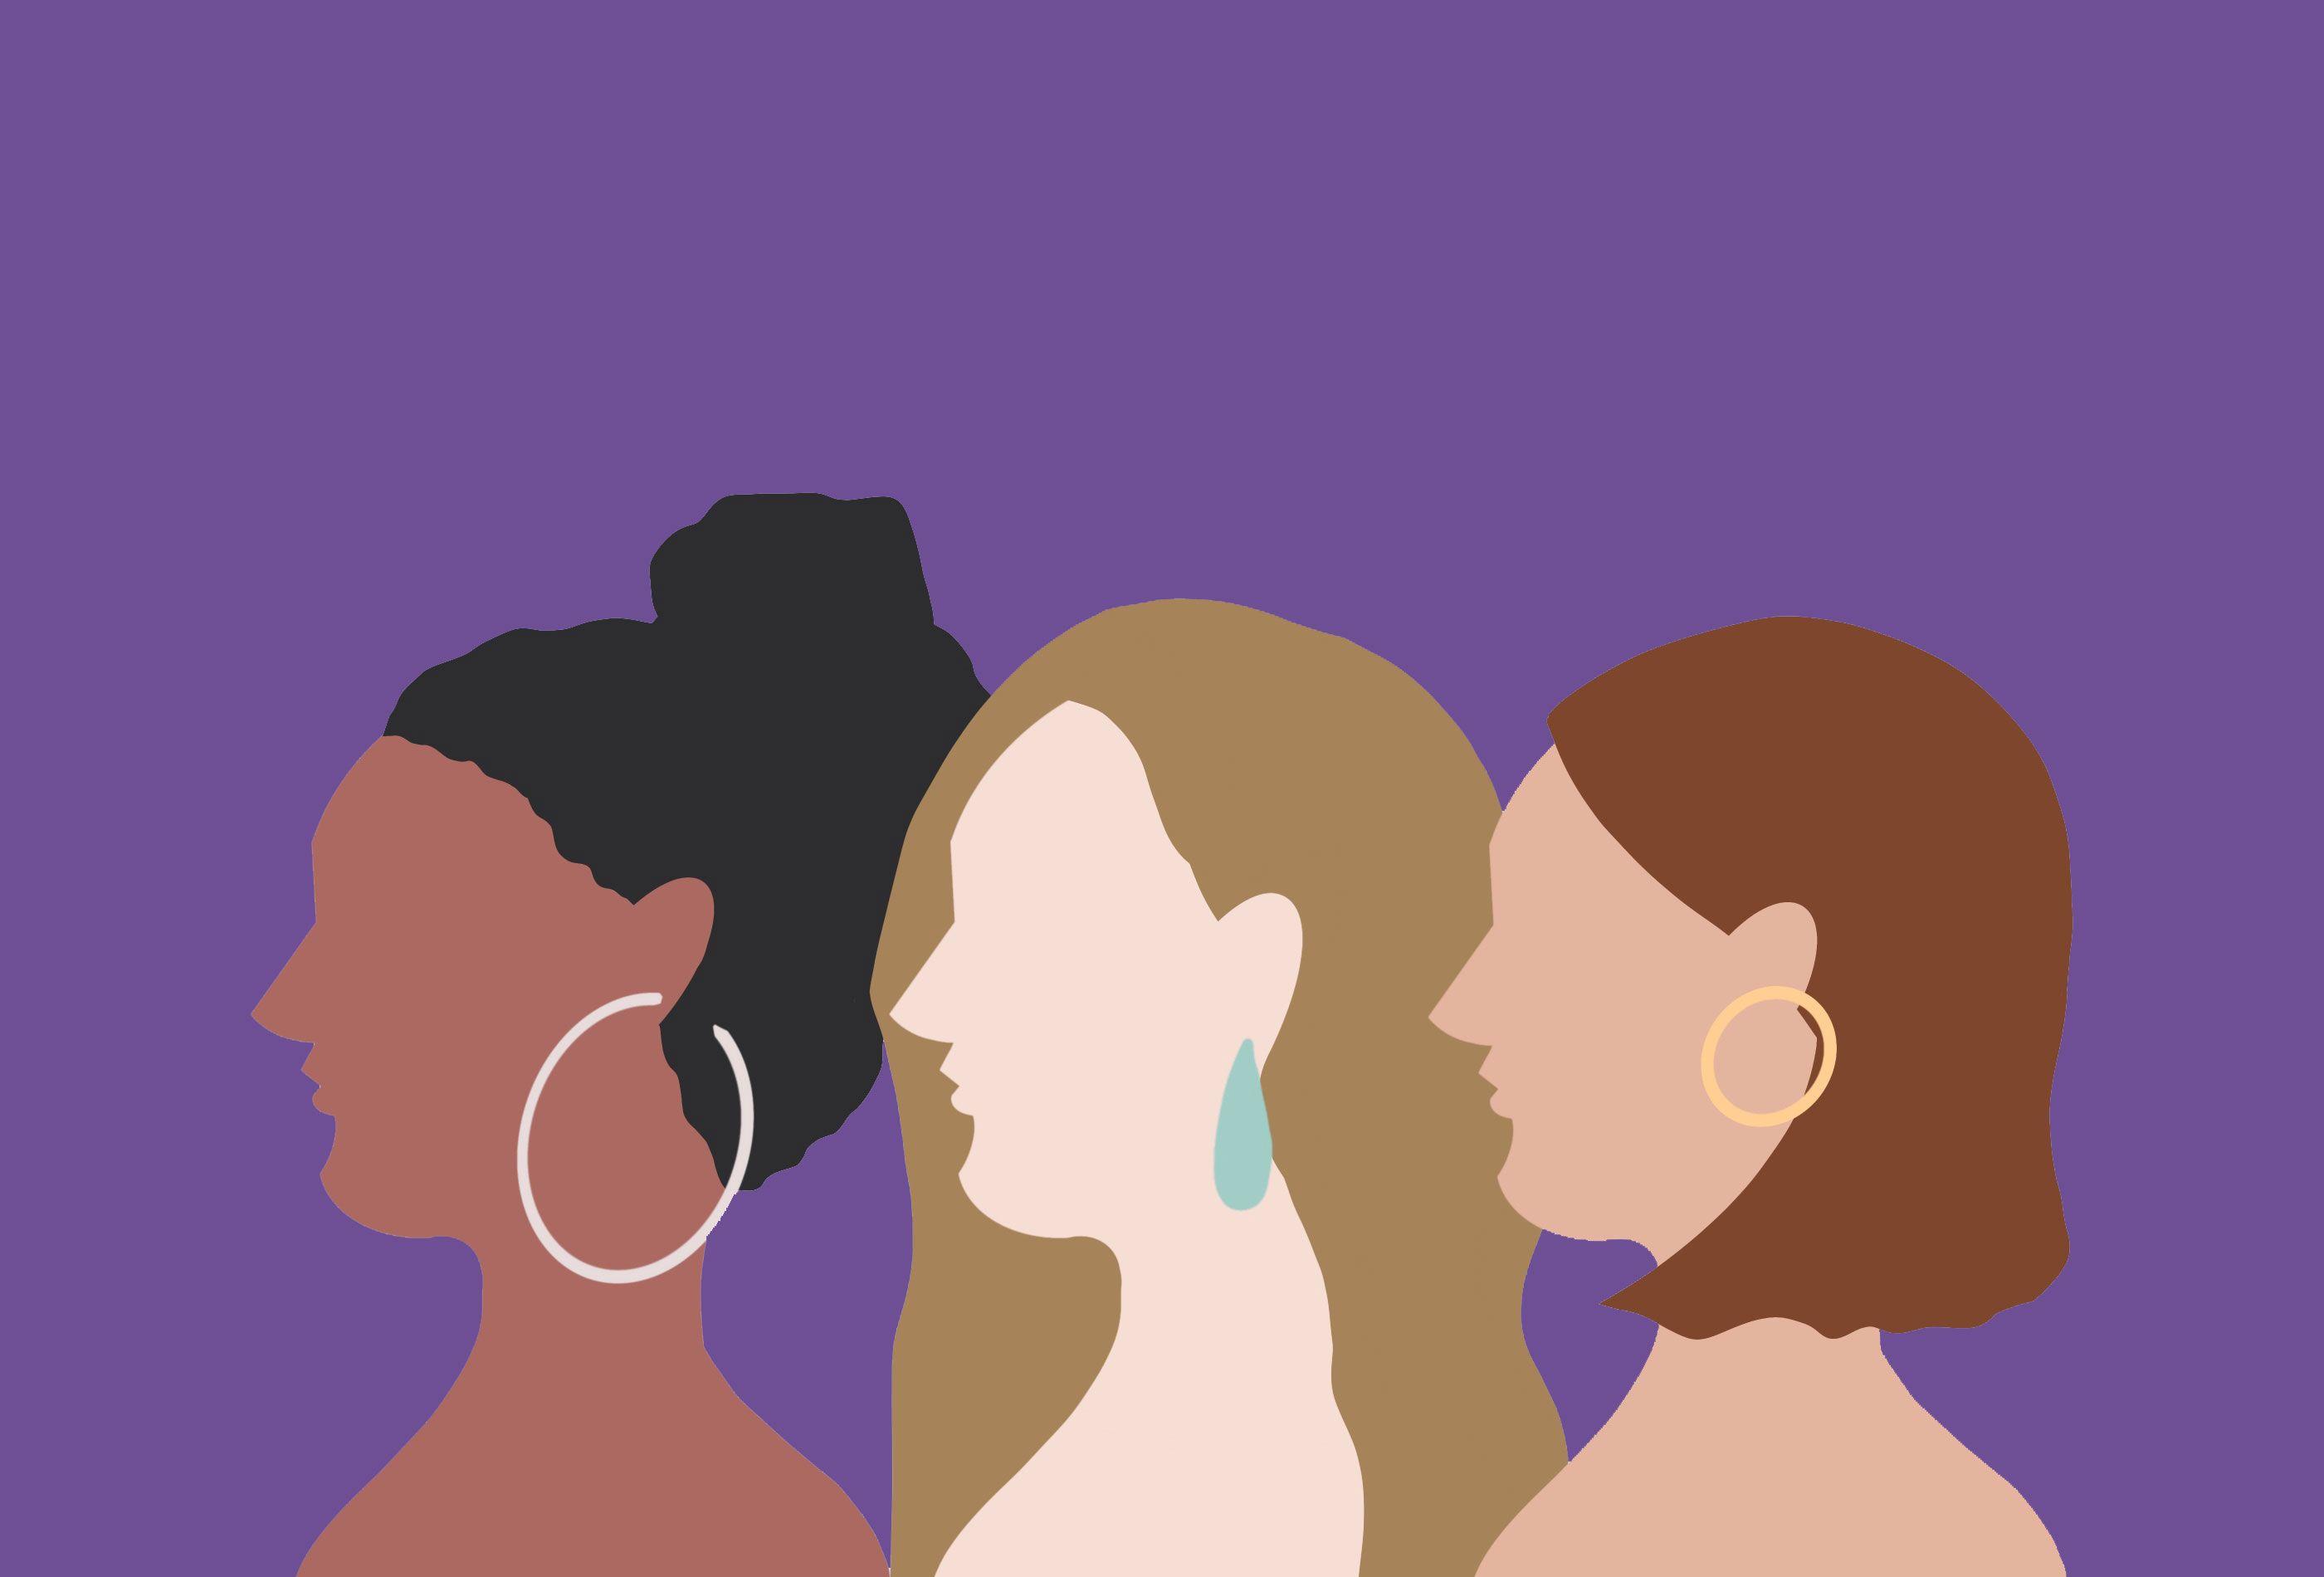 ¿Por qué el 25 de noviembre es el Día Internacional de la Eliminación de la Violencia contra la Mujer?